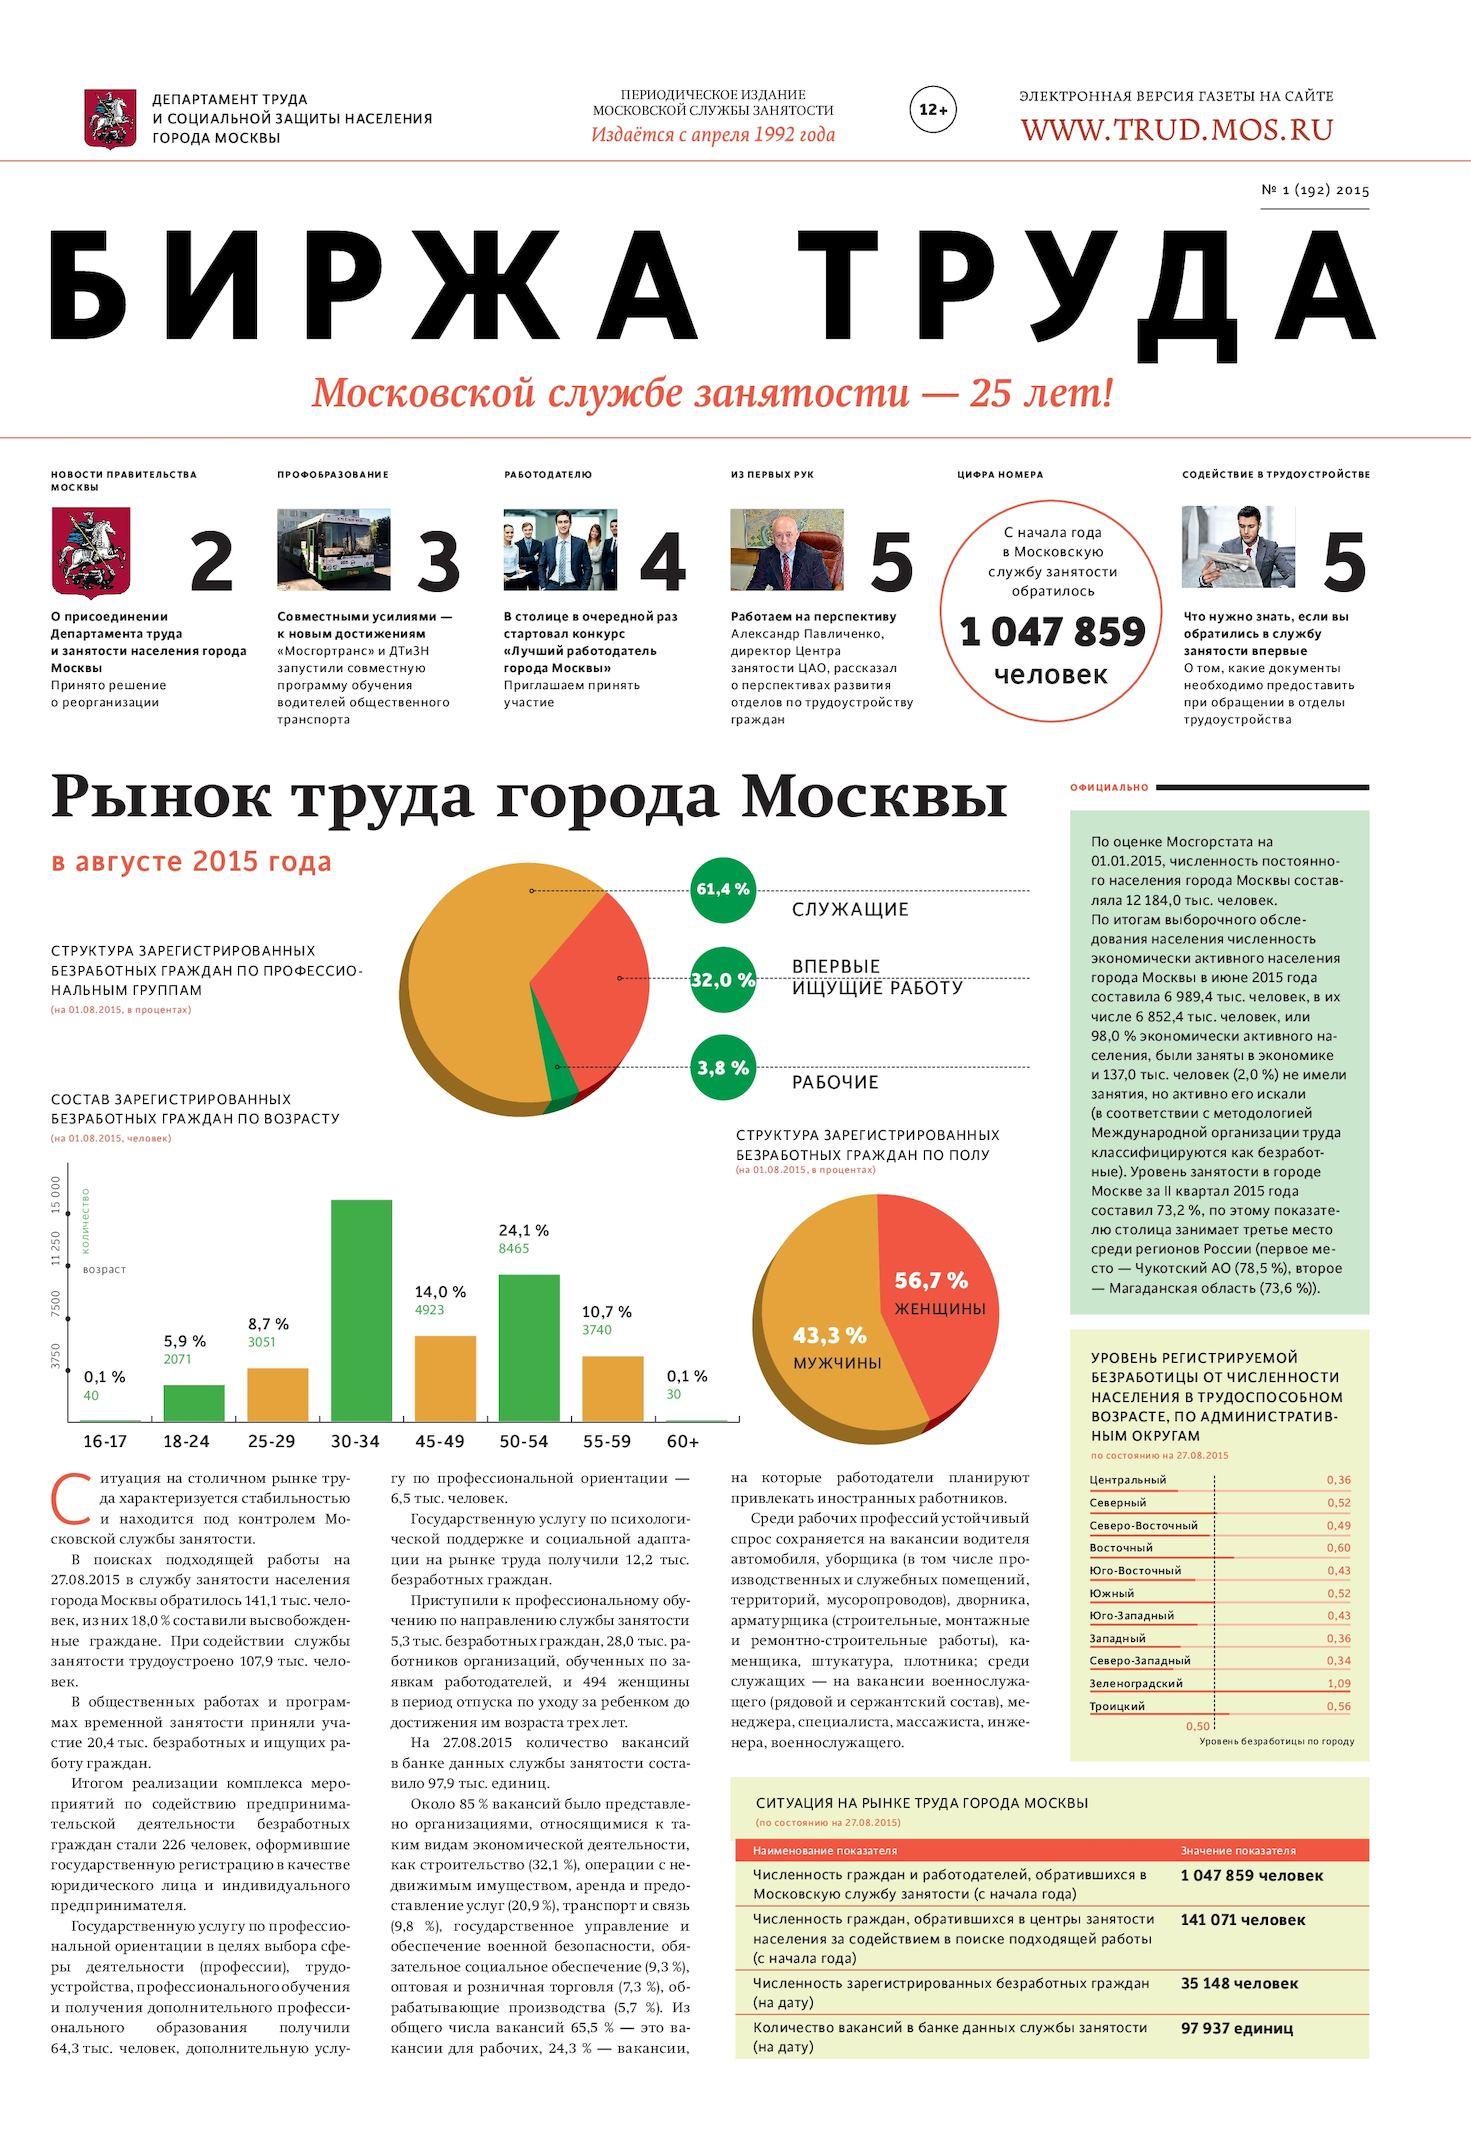 Статья уголовного кодекса российской федерации угроза имущества и жизни человека